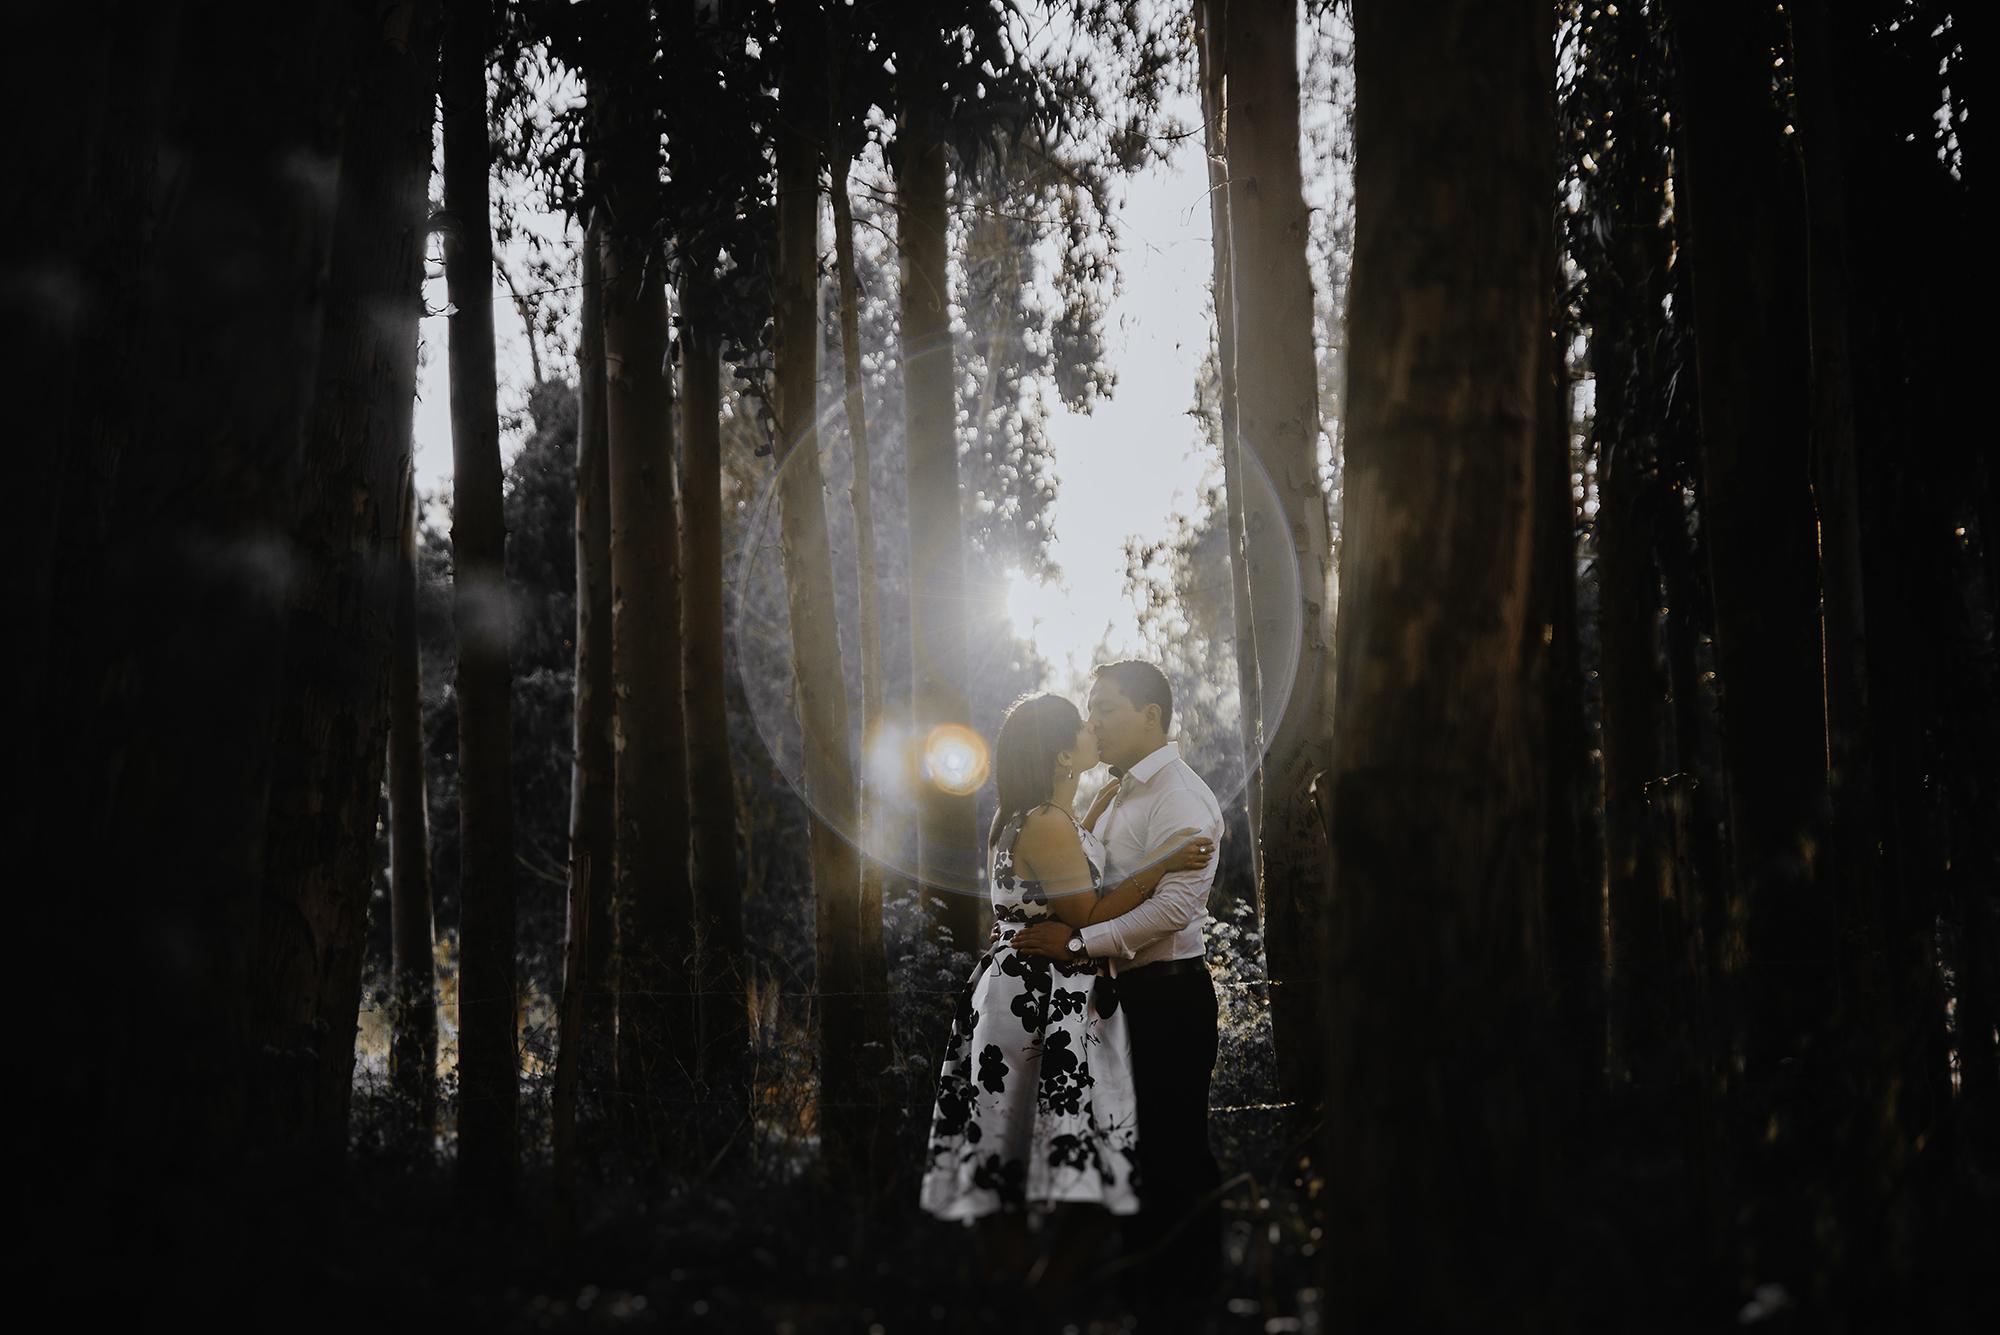 fotografos de boda peru - marzo photography syw.jpg